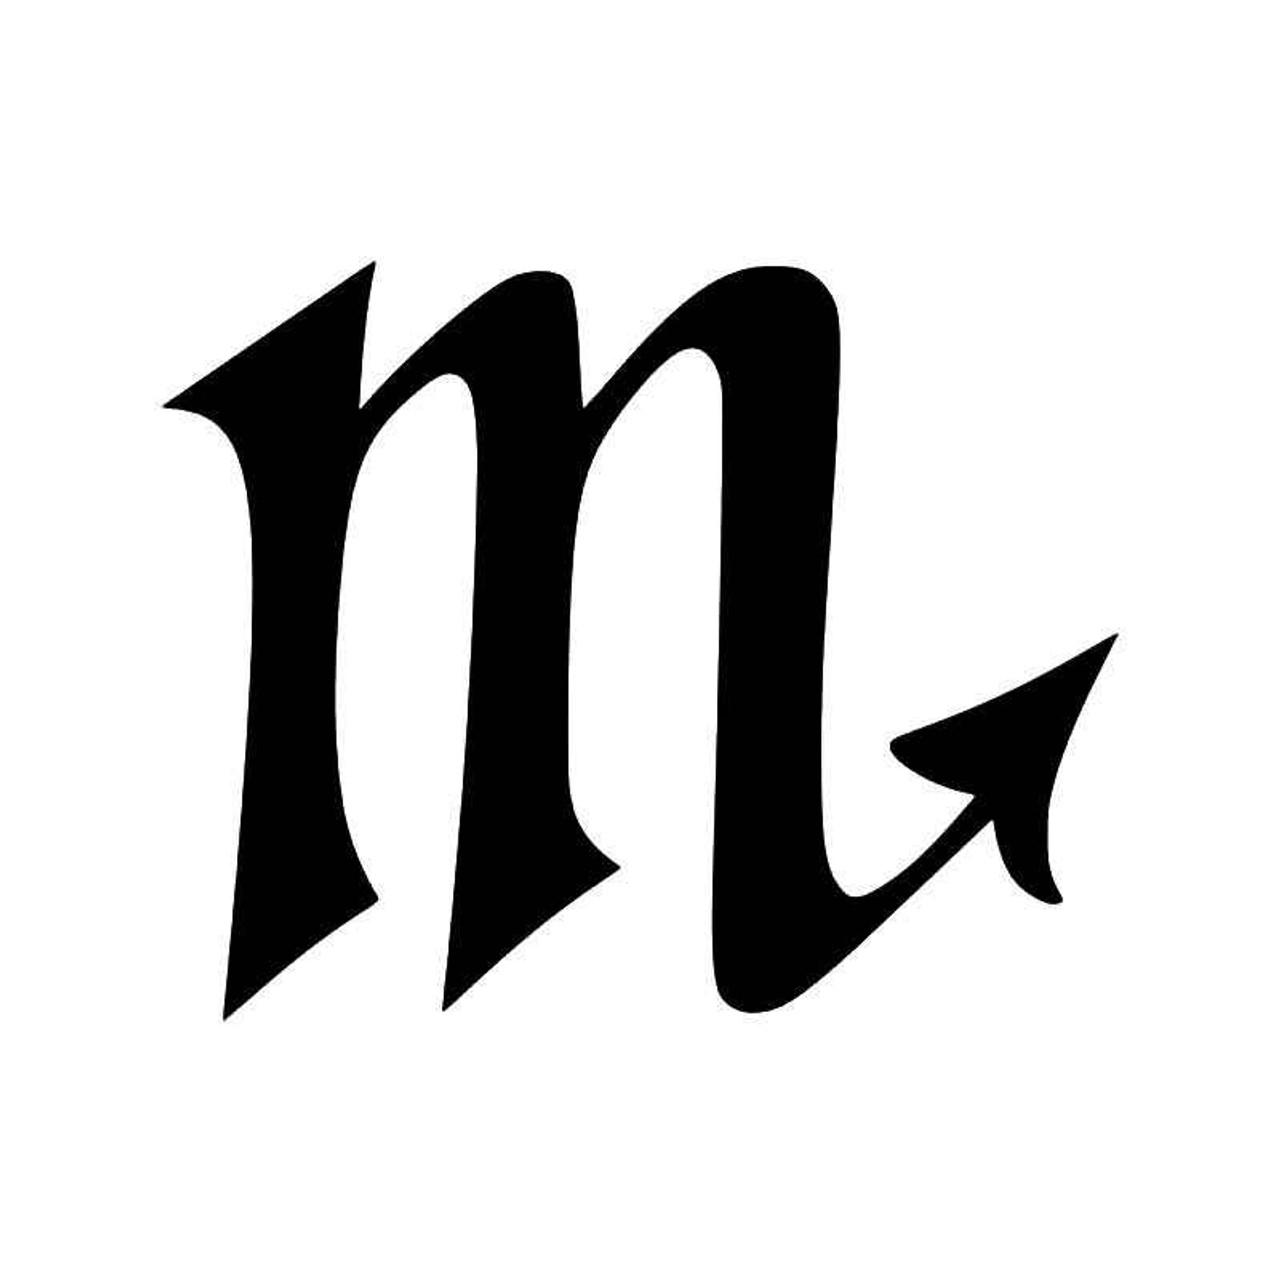 Scorpio horoscope symbol.